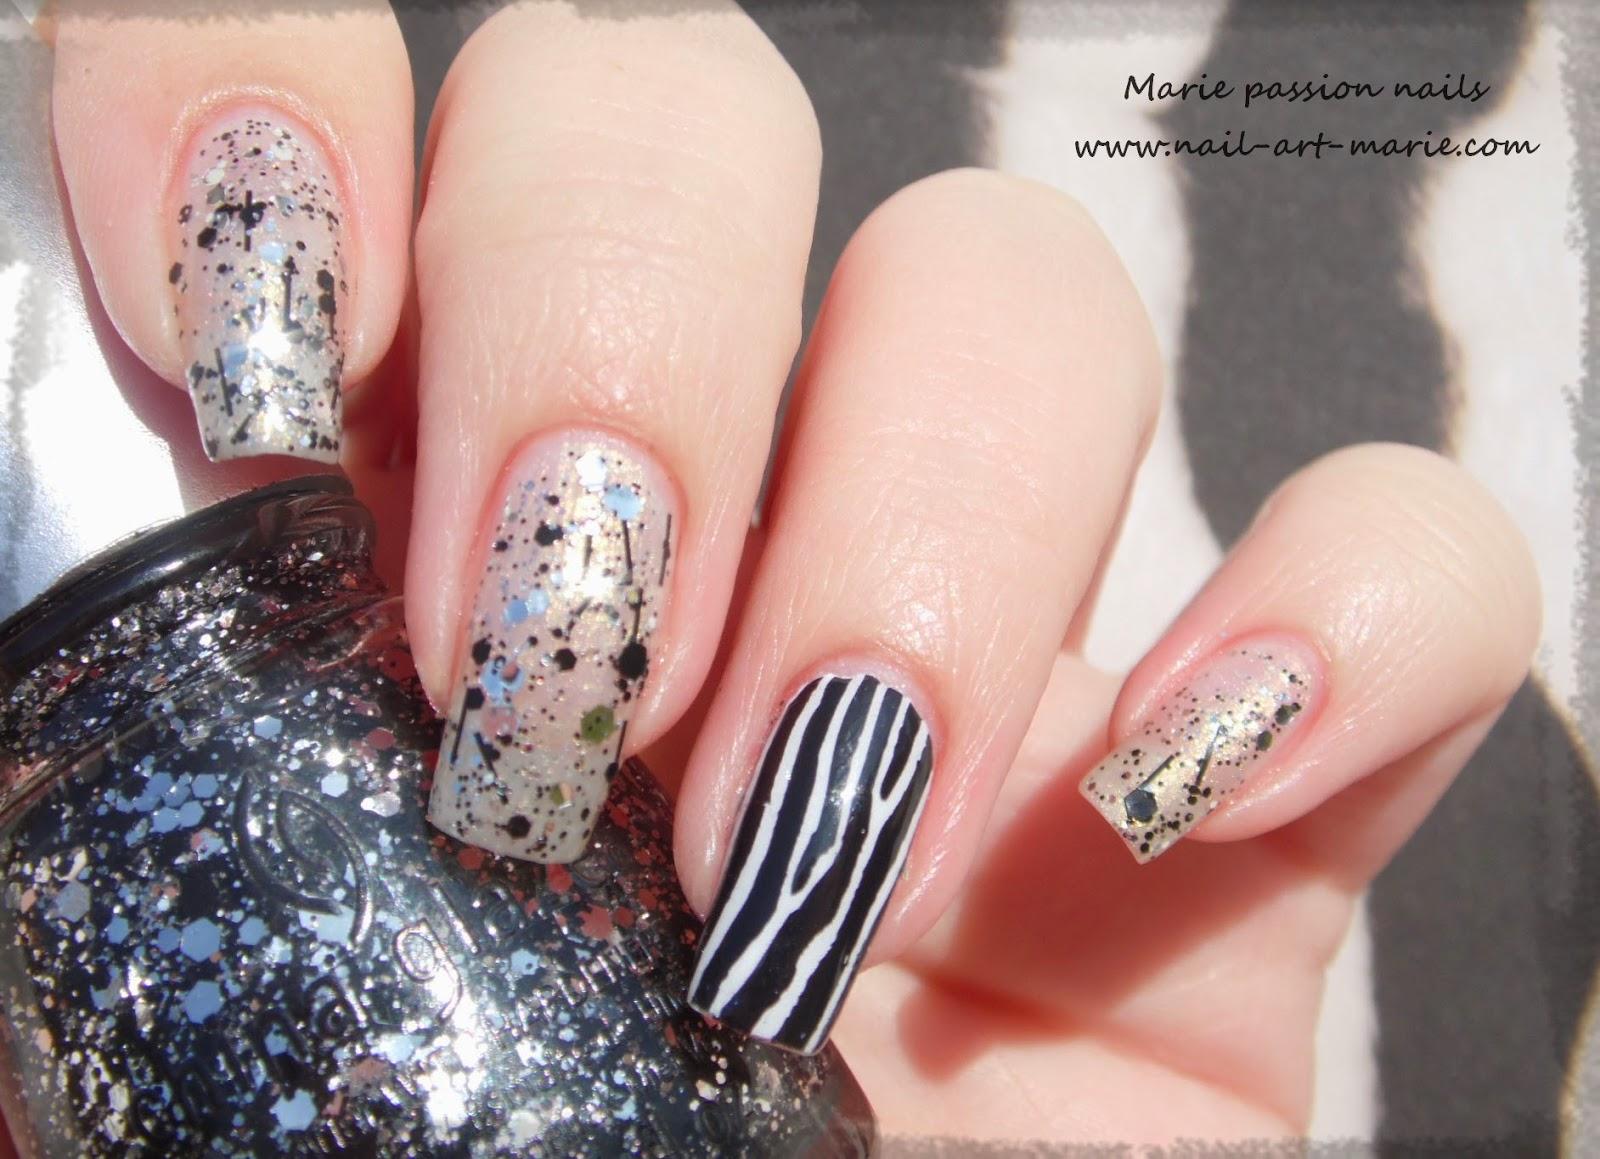 Nail art accent nail zébré6